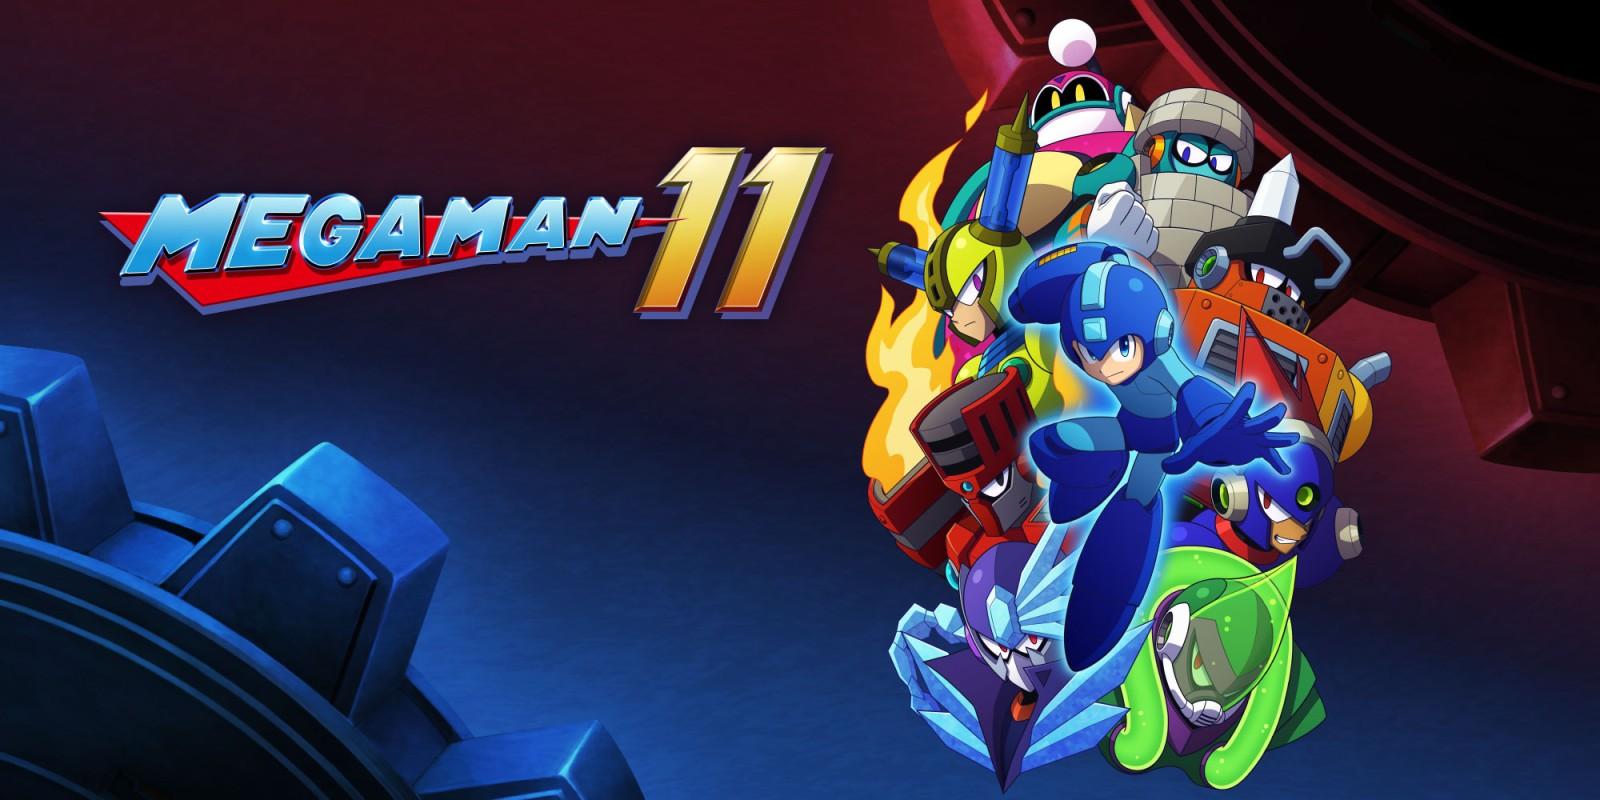 Capcom: Mega Man 11 obteve fortes vendas; Onimusha: Warlords teve um bom início